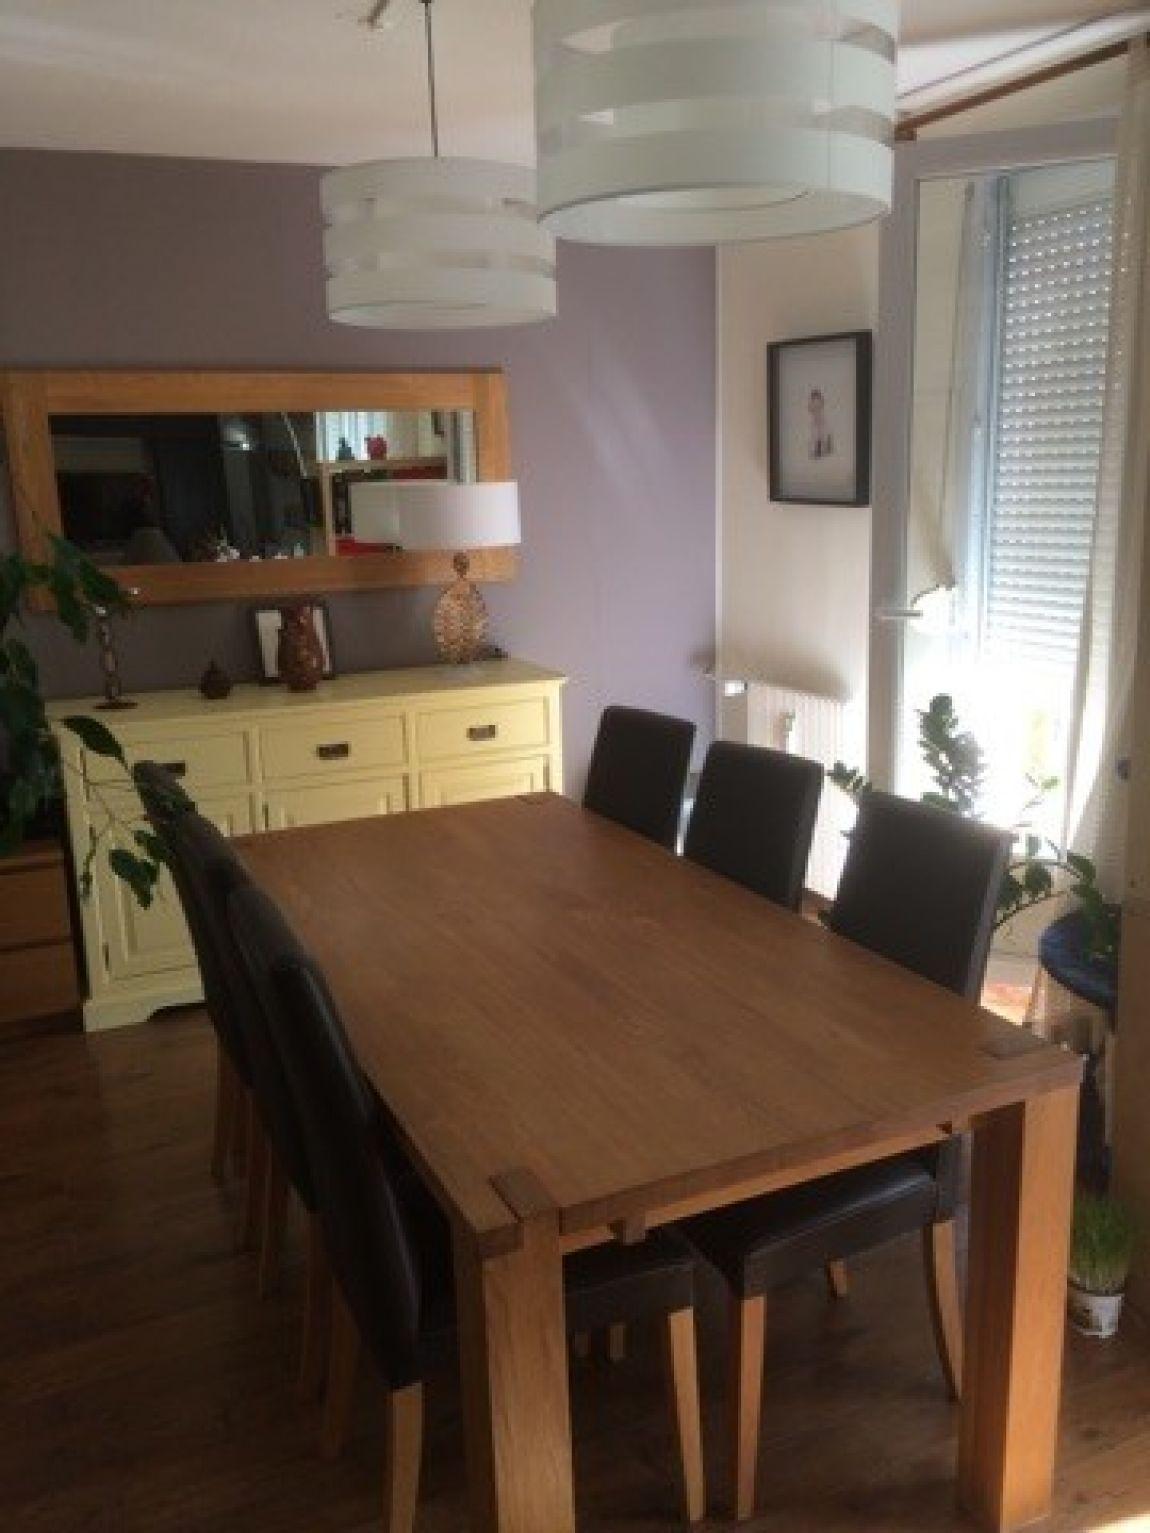 vente appartement chevigny st sauveur. Black Bedroom Furniture Sets. Home Design Ideas